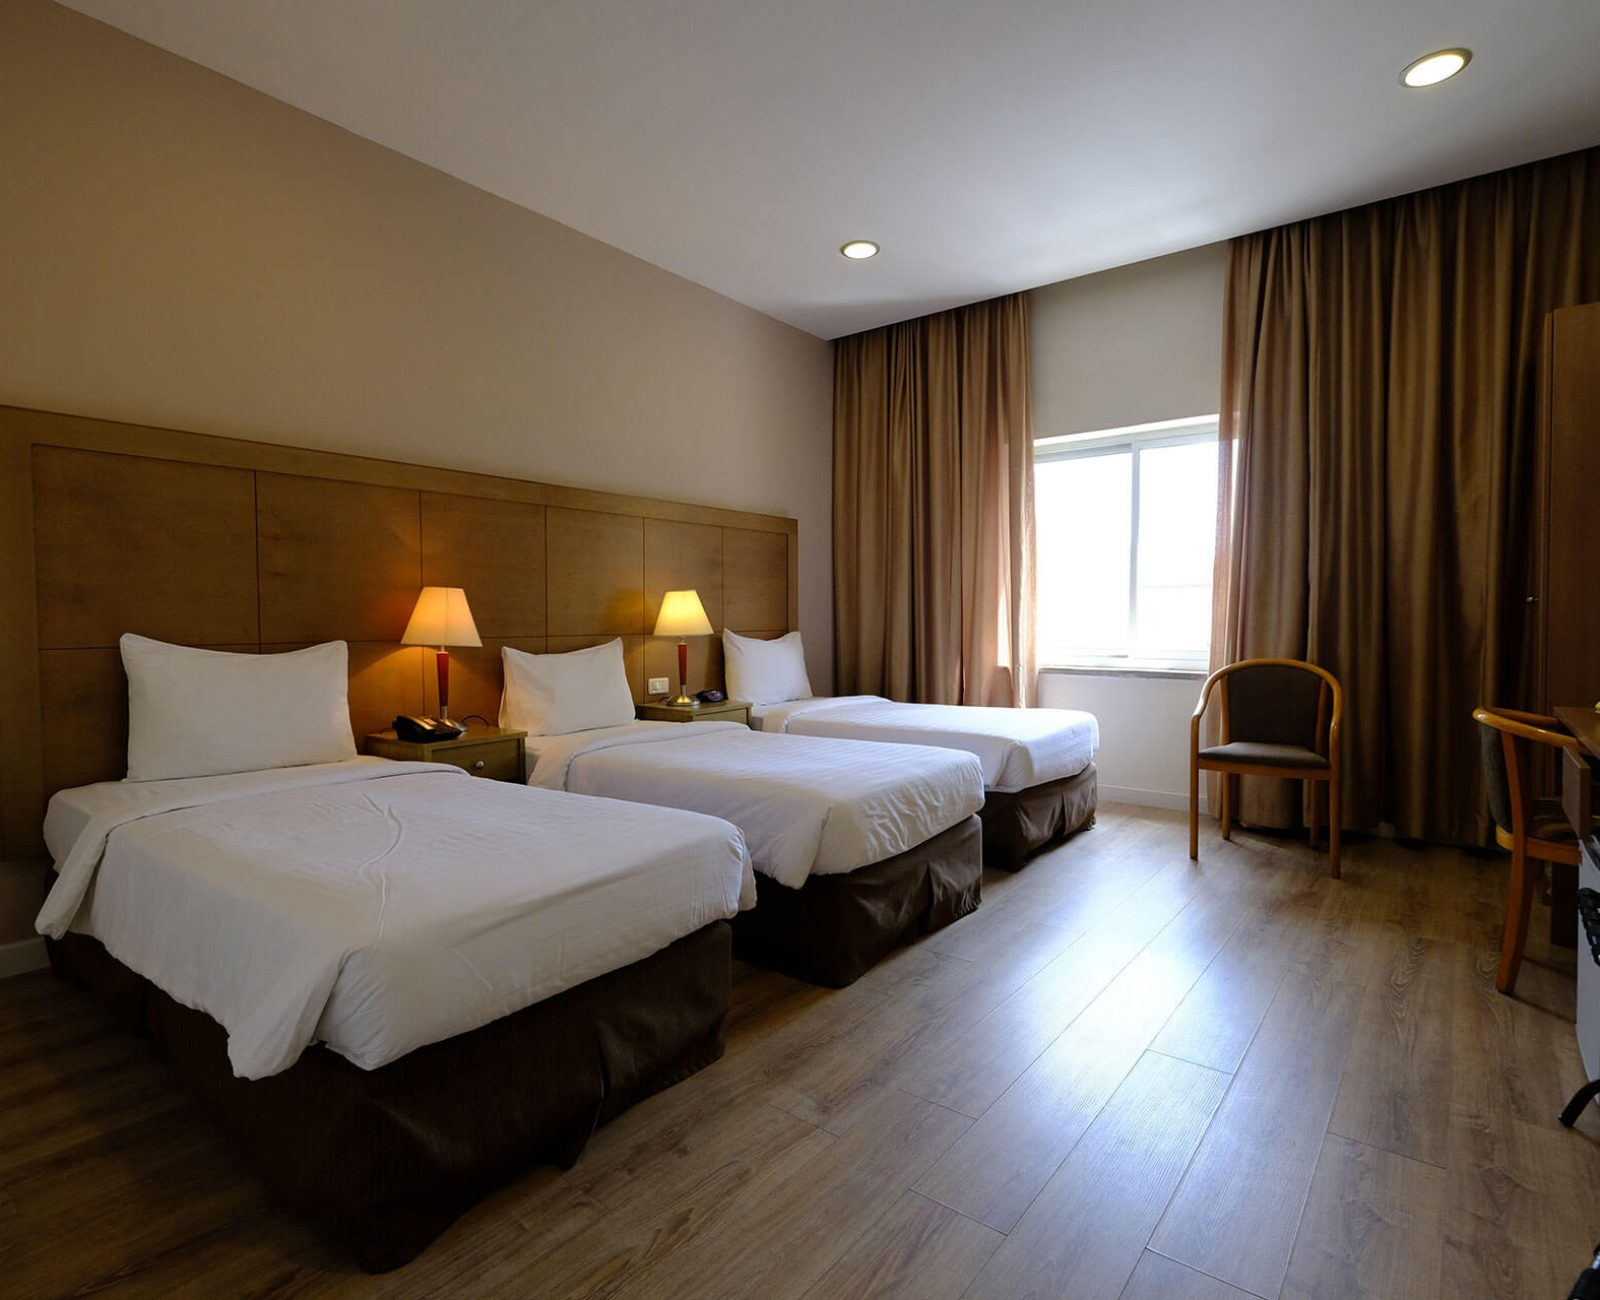 Ritz hotel_Standard Triple Room (4)